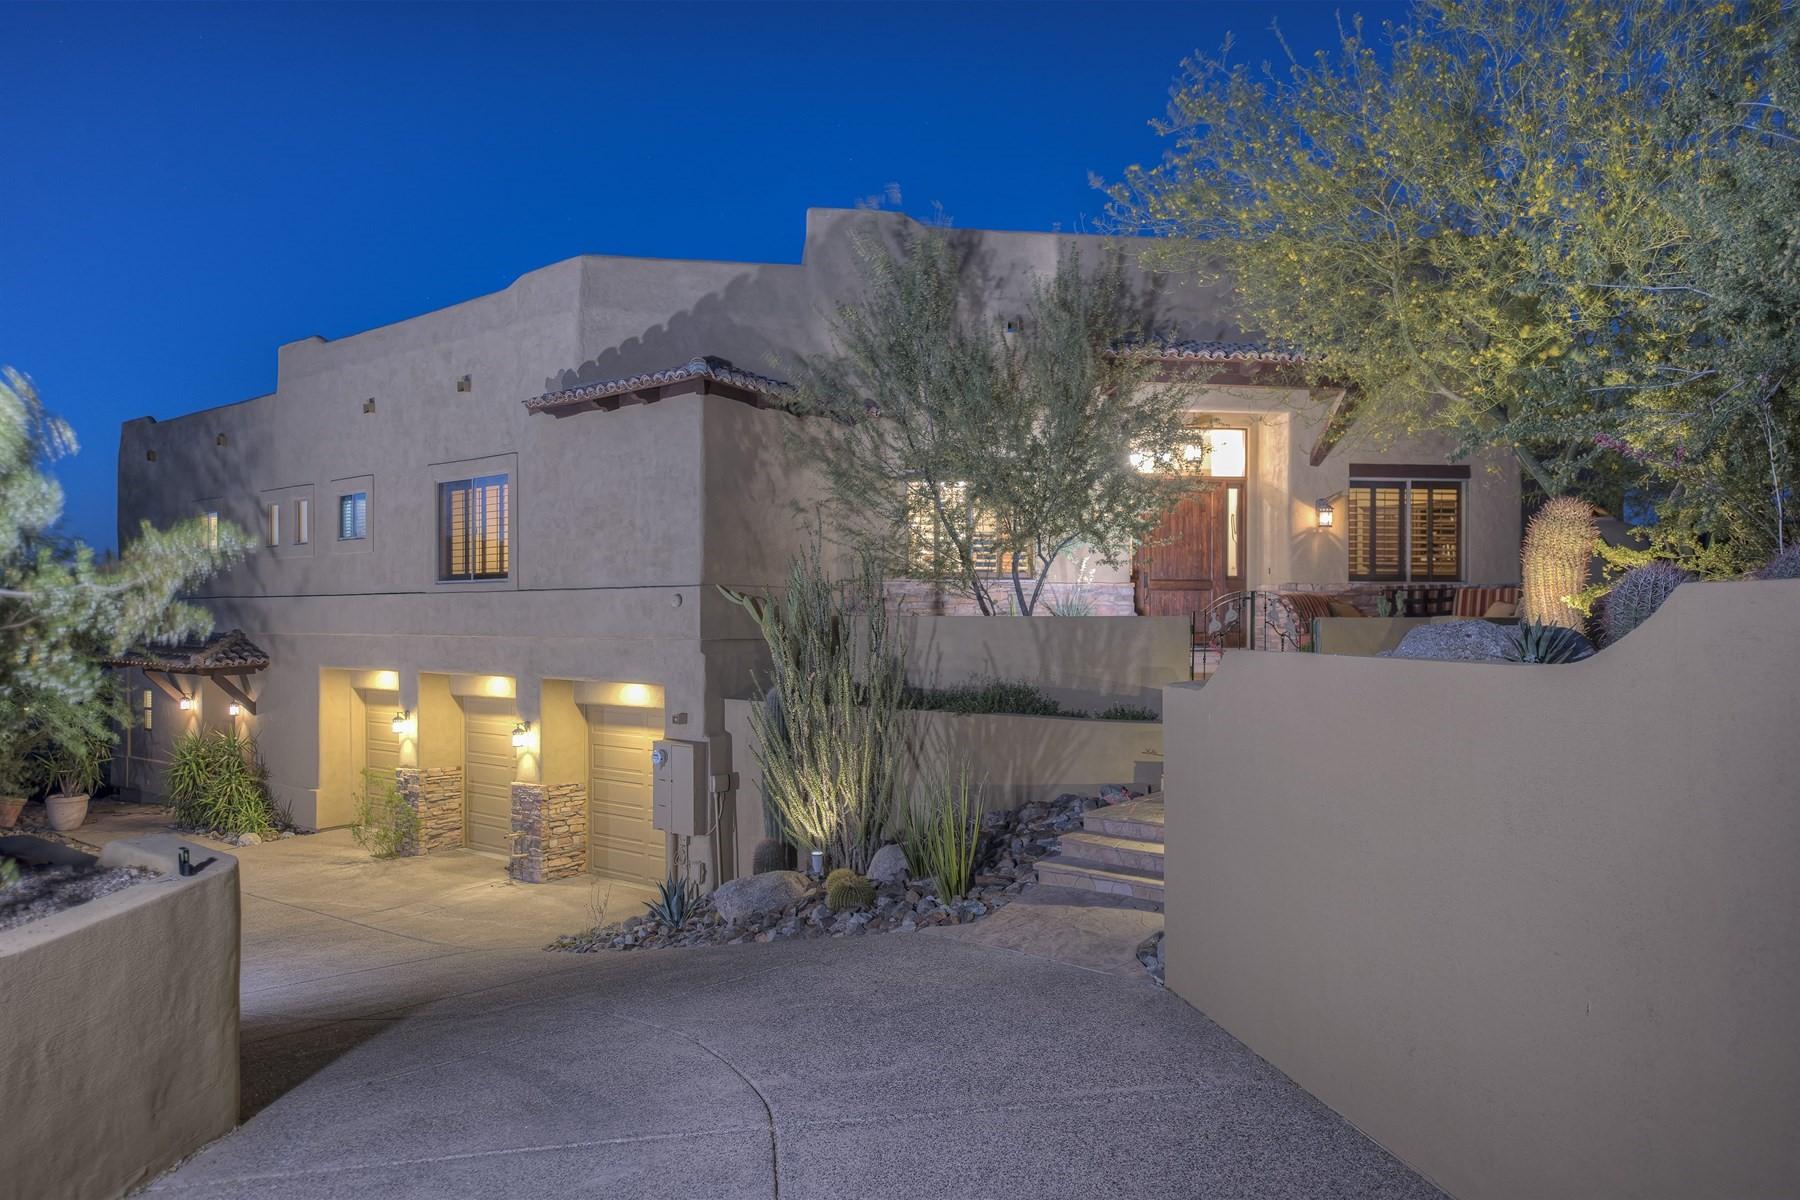 Maison unifamiliale pour l Vente à Fabulous custom home in the coveted Overlook Estates with spectacular views 13825 N 16th Way Phoenix, Arizona, 85022 États-Unis